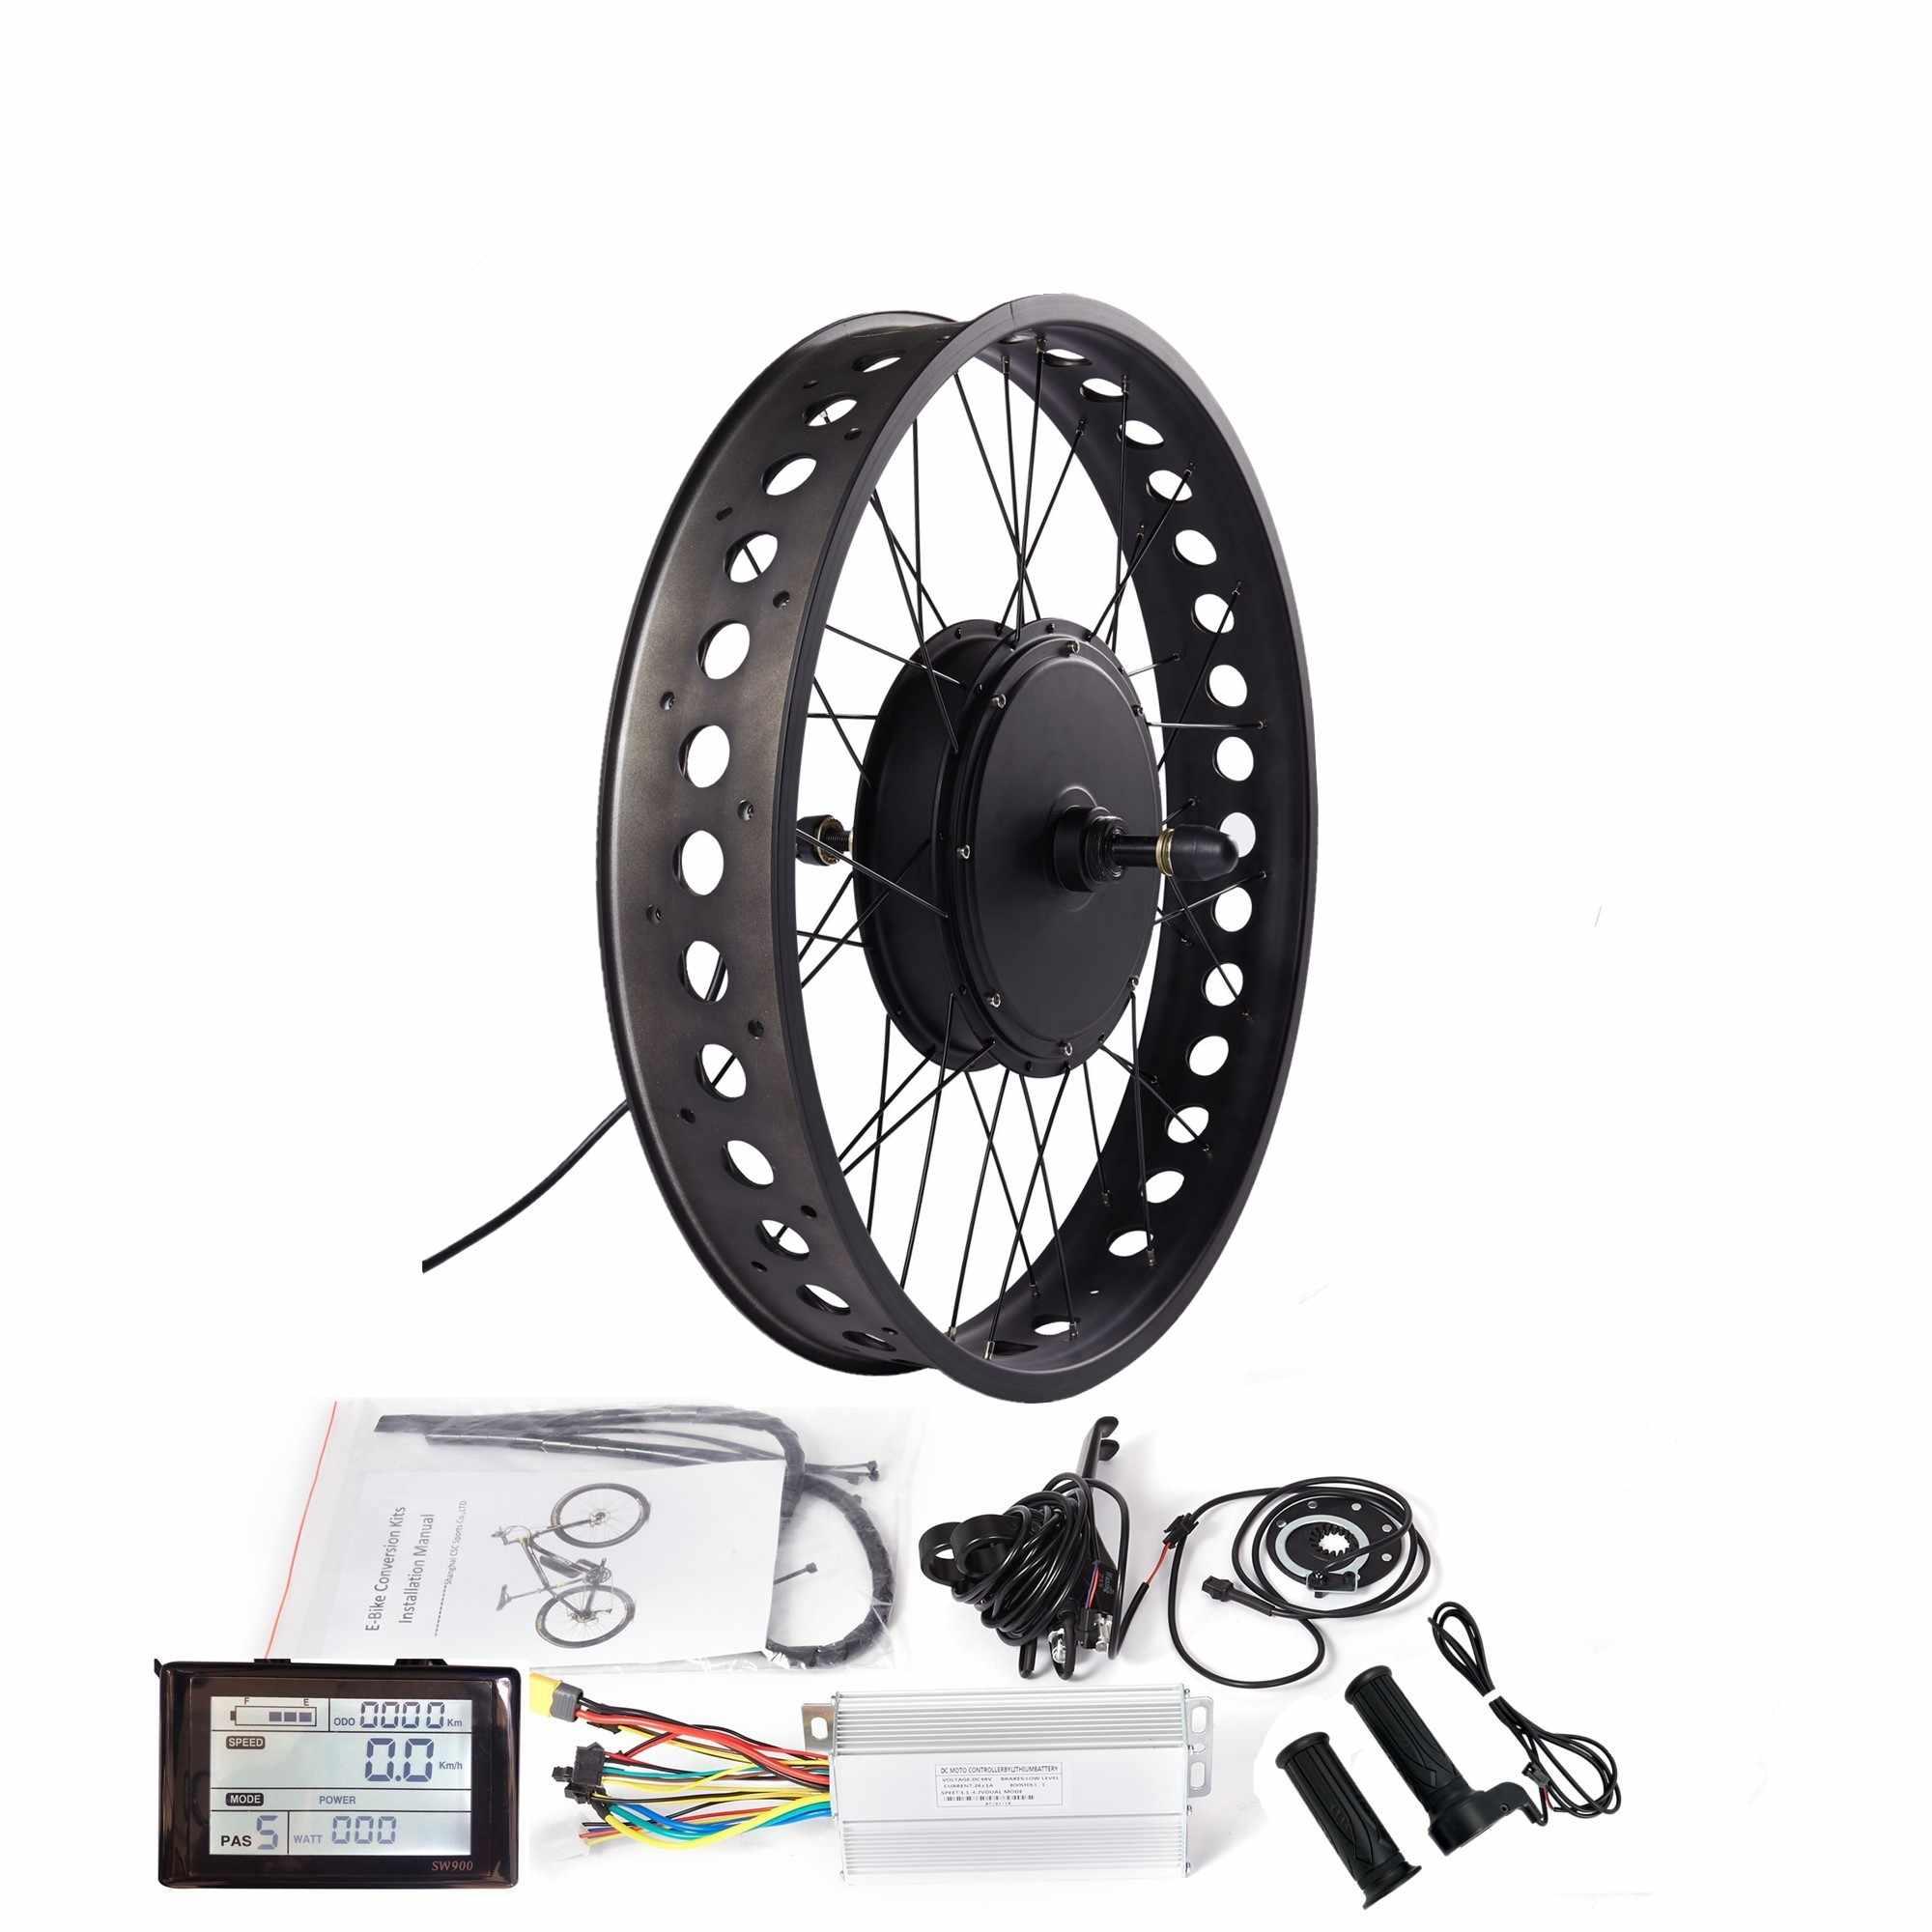 """36/48 فولت الدهون E-الدراجة تحويل عدة ل 20 """"/24""""/26 """"الثلوج دراجة كهربائية مع عرض SW900 250/350/500/750/1000/1500 واط محور المحرك"""